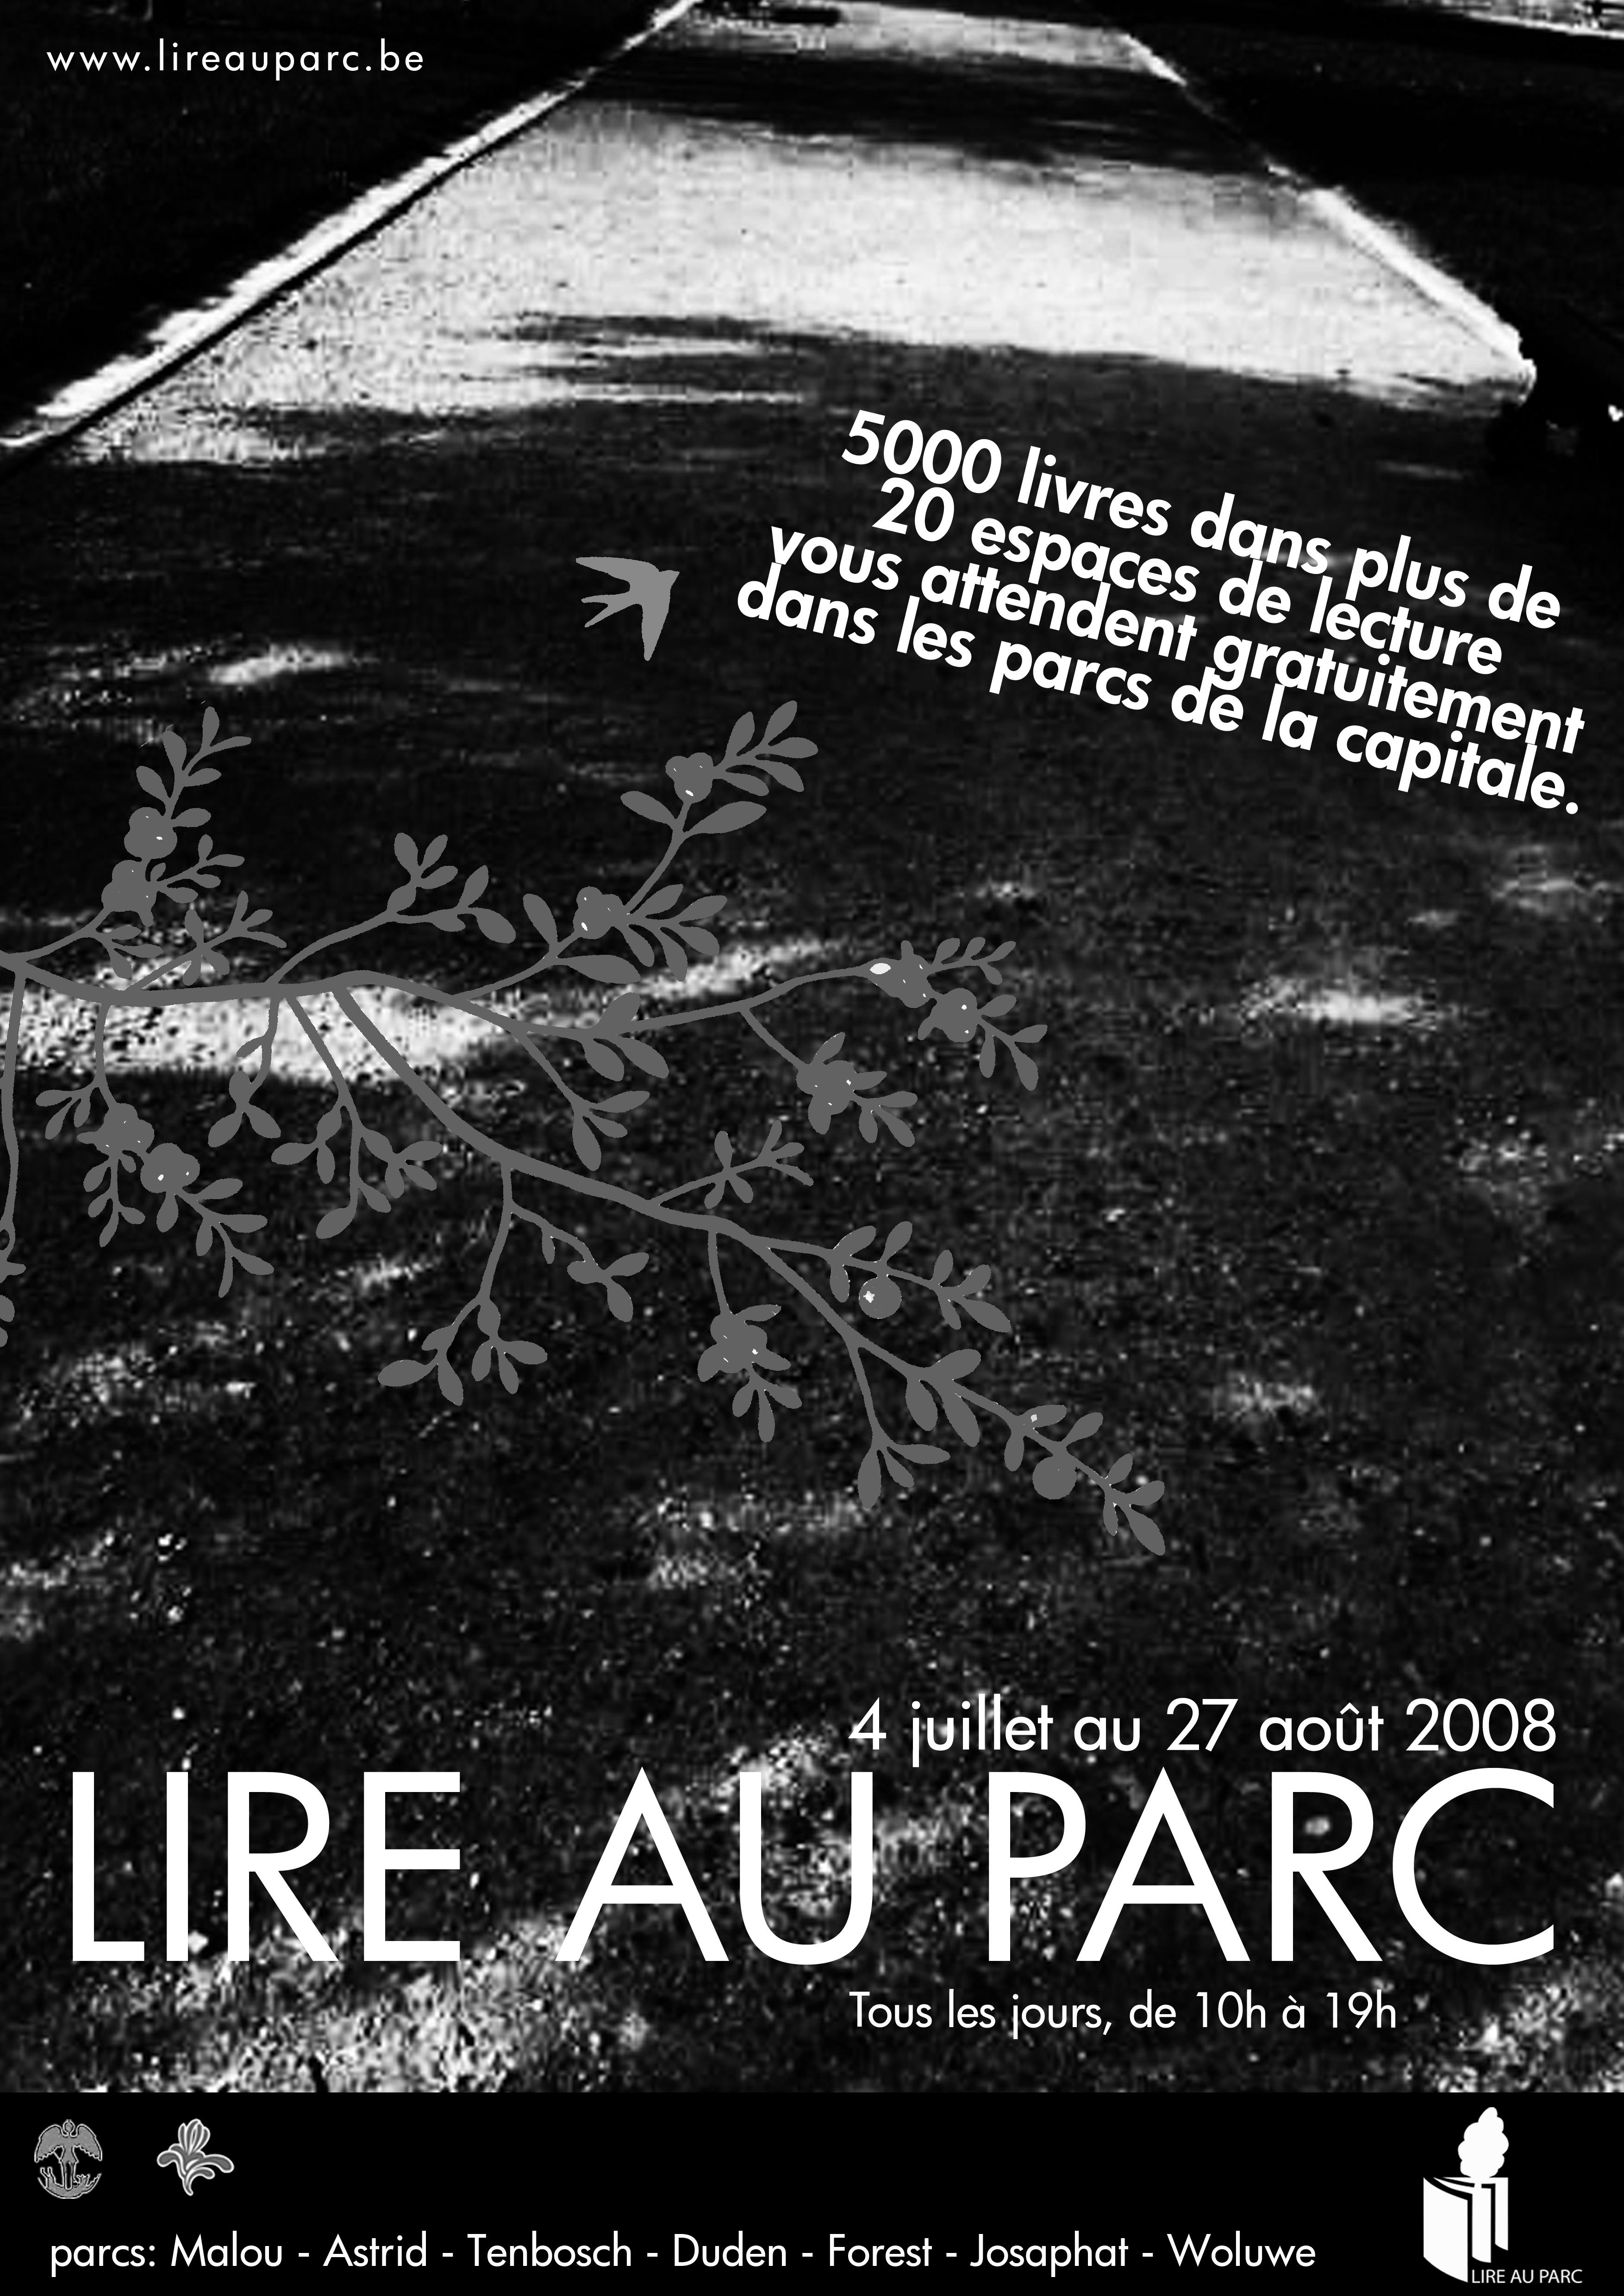 Poster lire au parc 2008